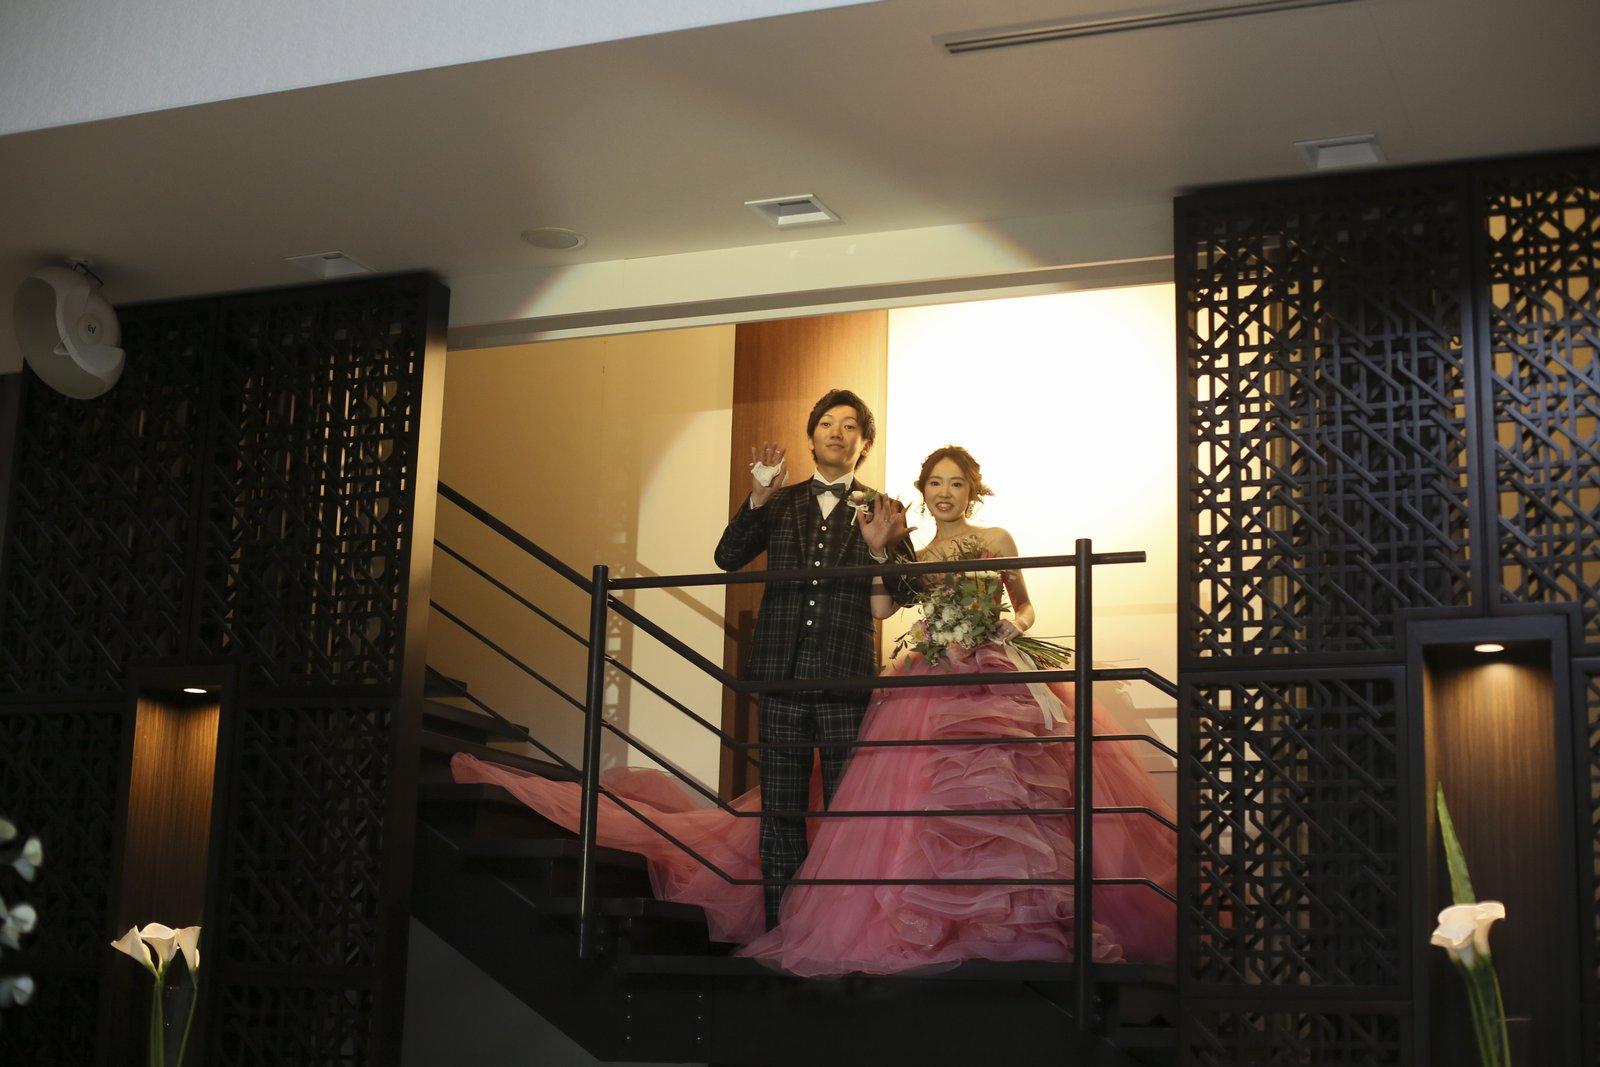 徳島県の結婚式場ブランアンジュで仲良くゲストに手をふる新郎新婦